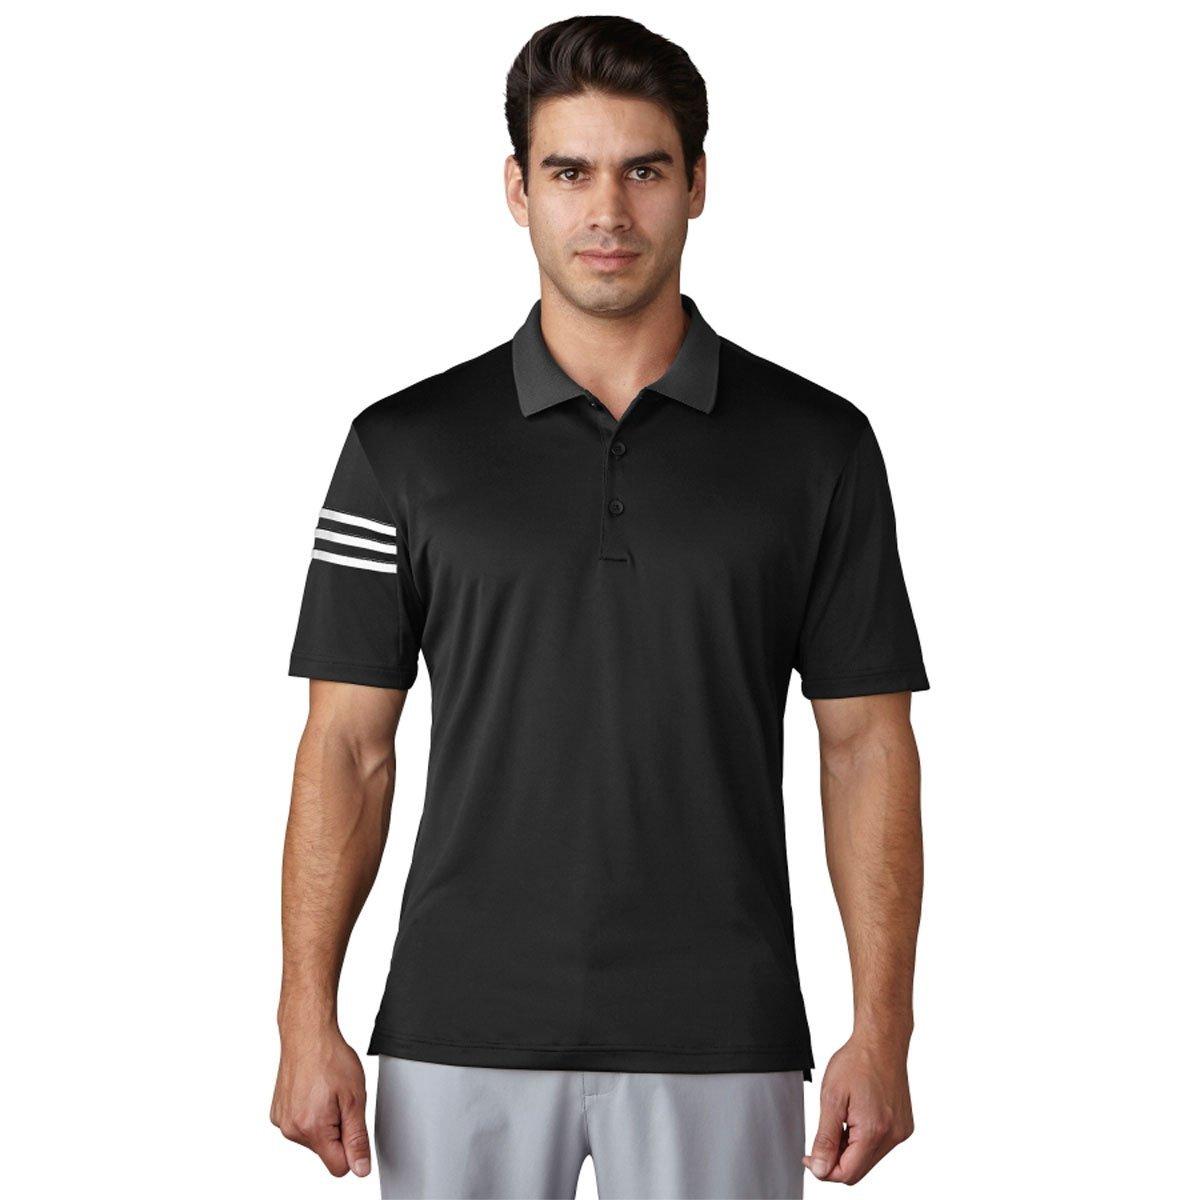 Adidas Climacool 3 Stripe Club Polo Mens Golf Shirt New